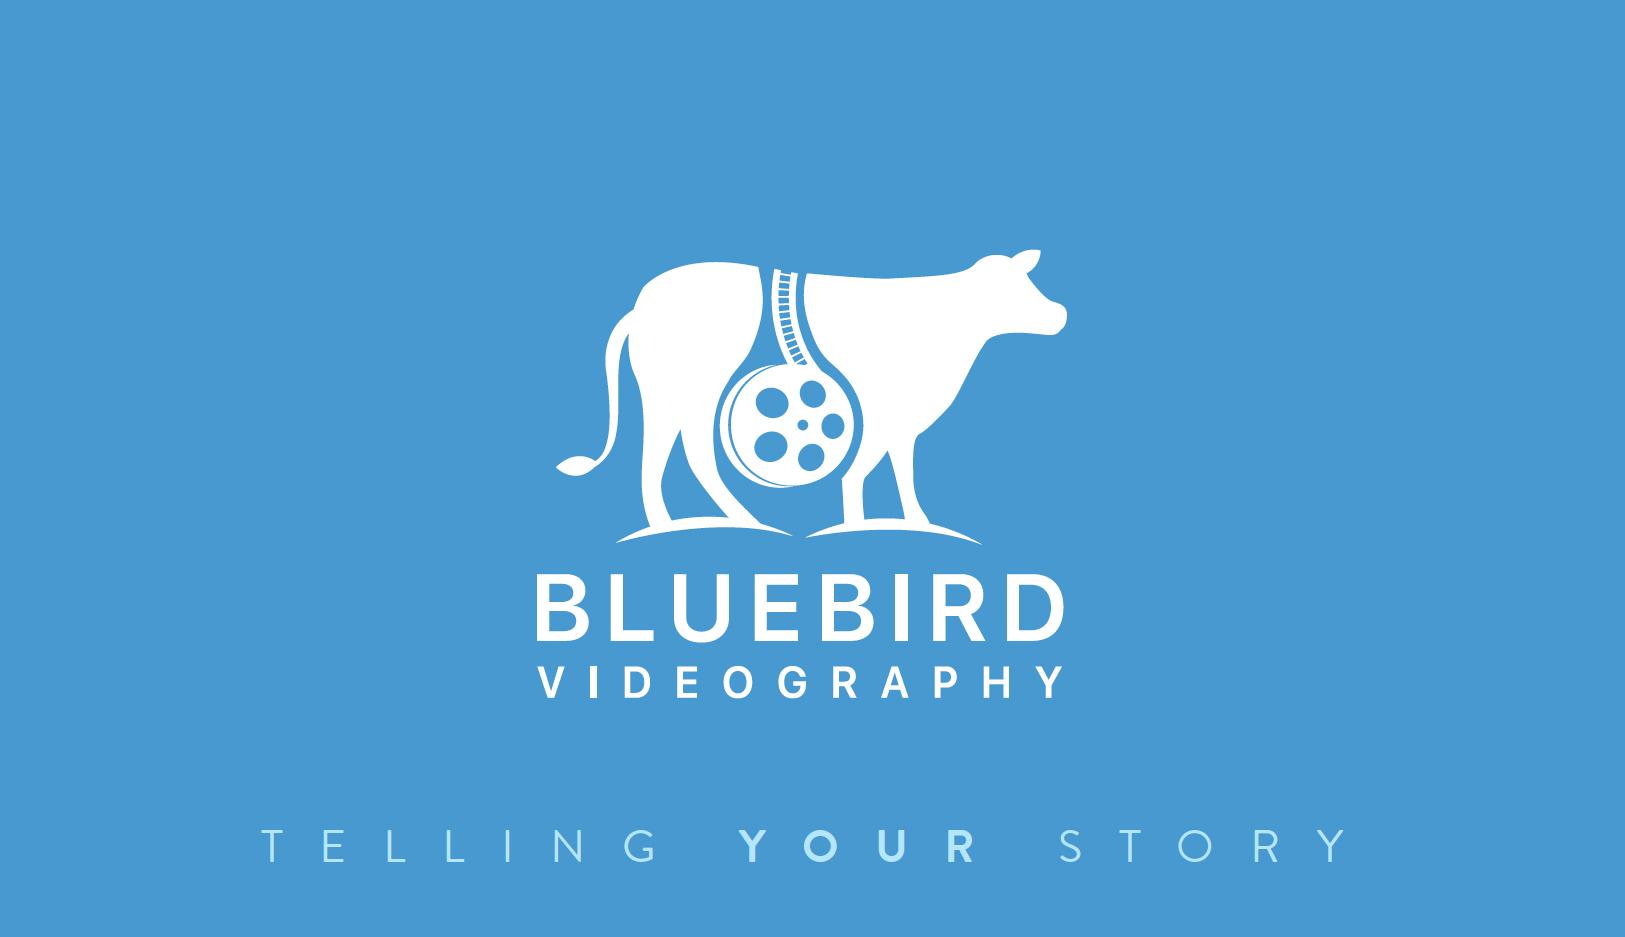 Bluebird Videography Videography